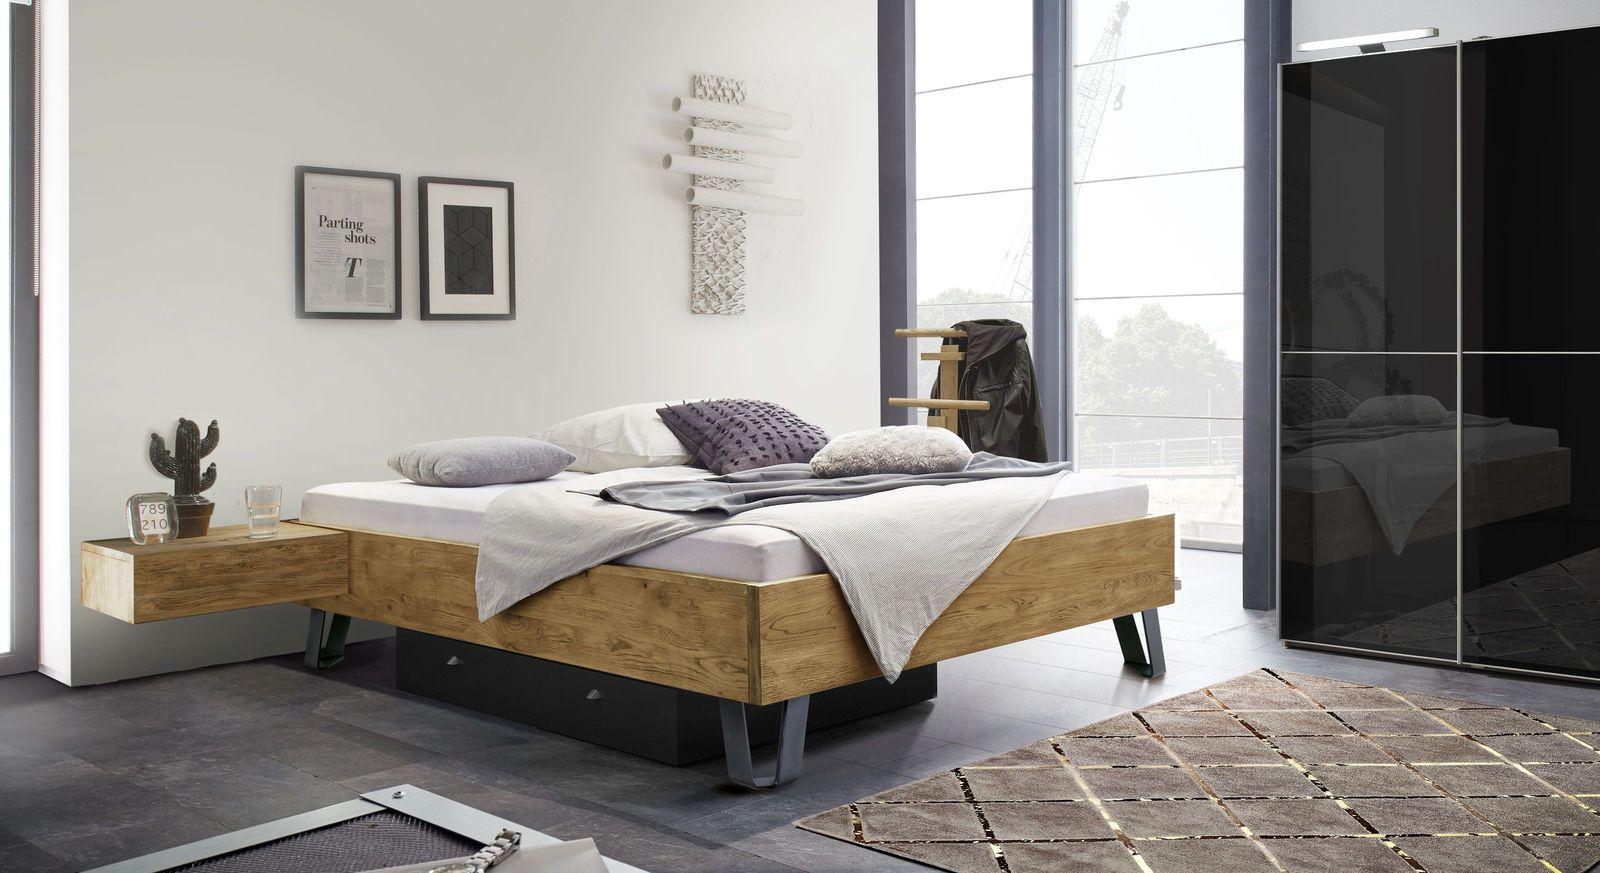 Liege Passo mit praktischenn Schlafzimmer-Accessoires